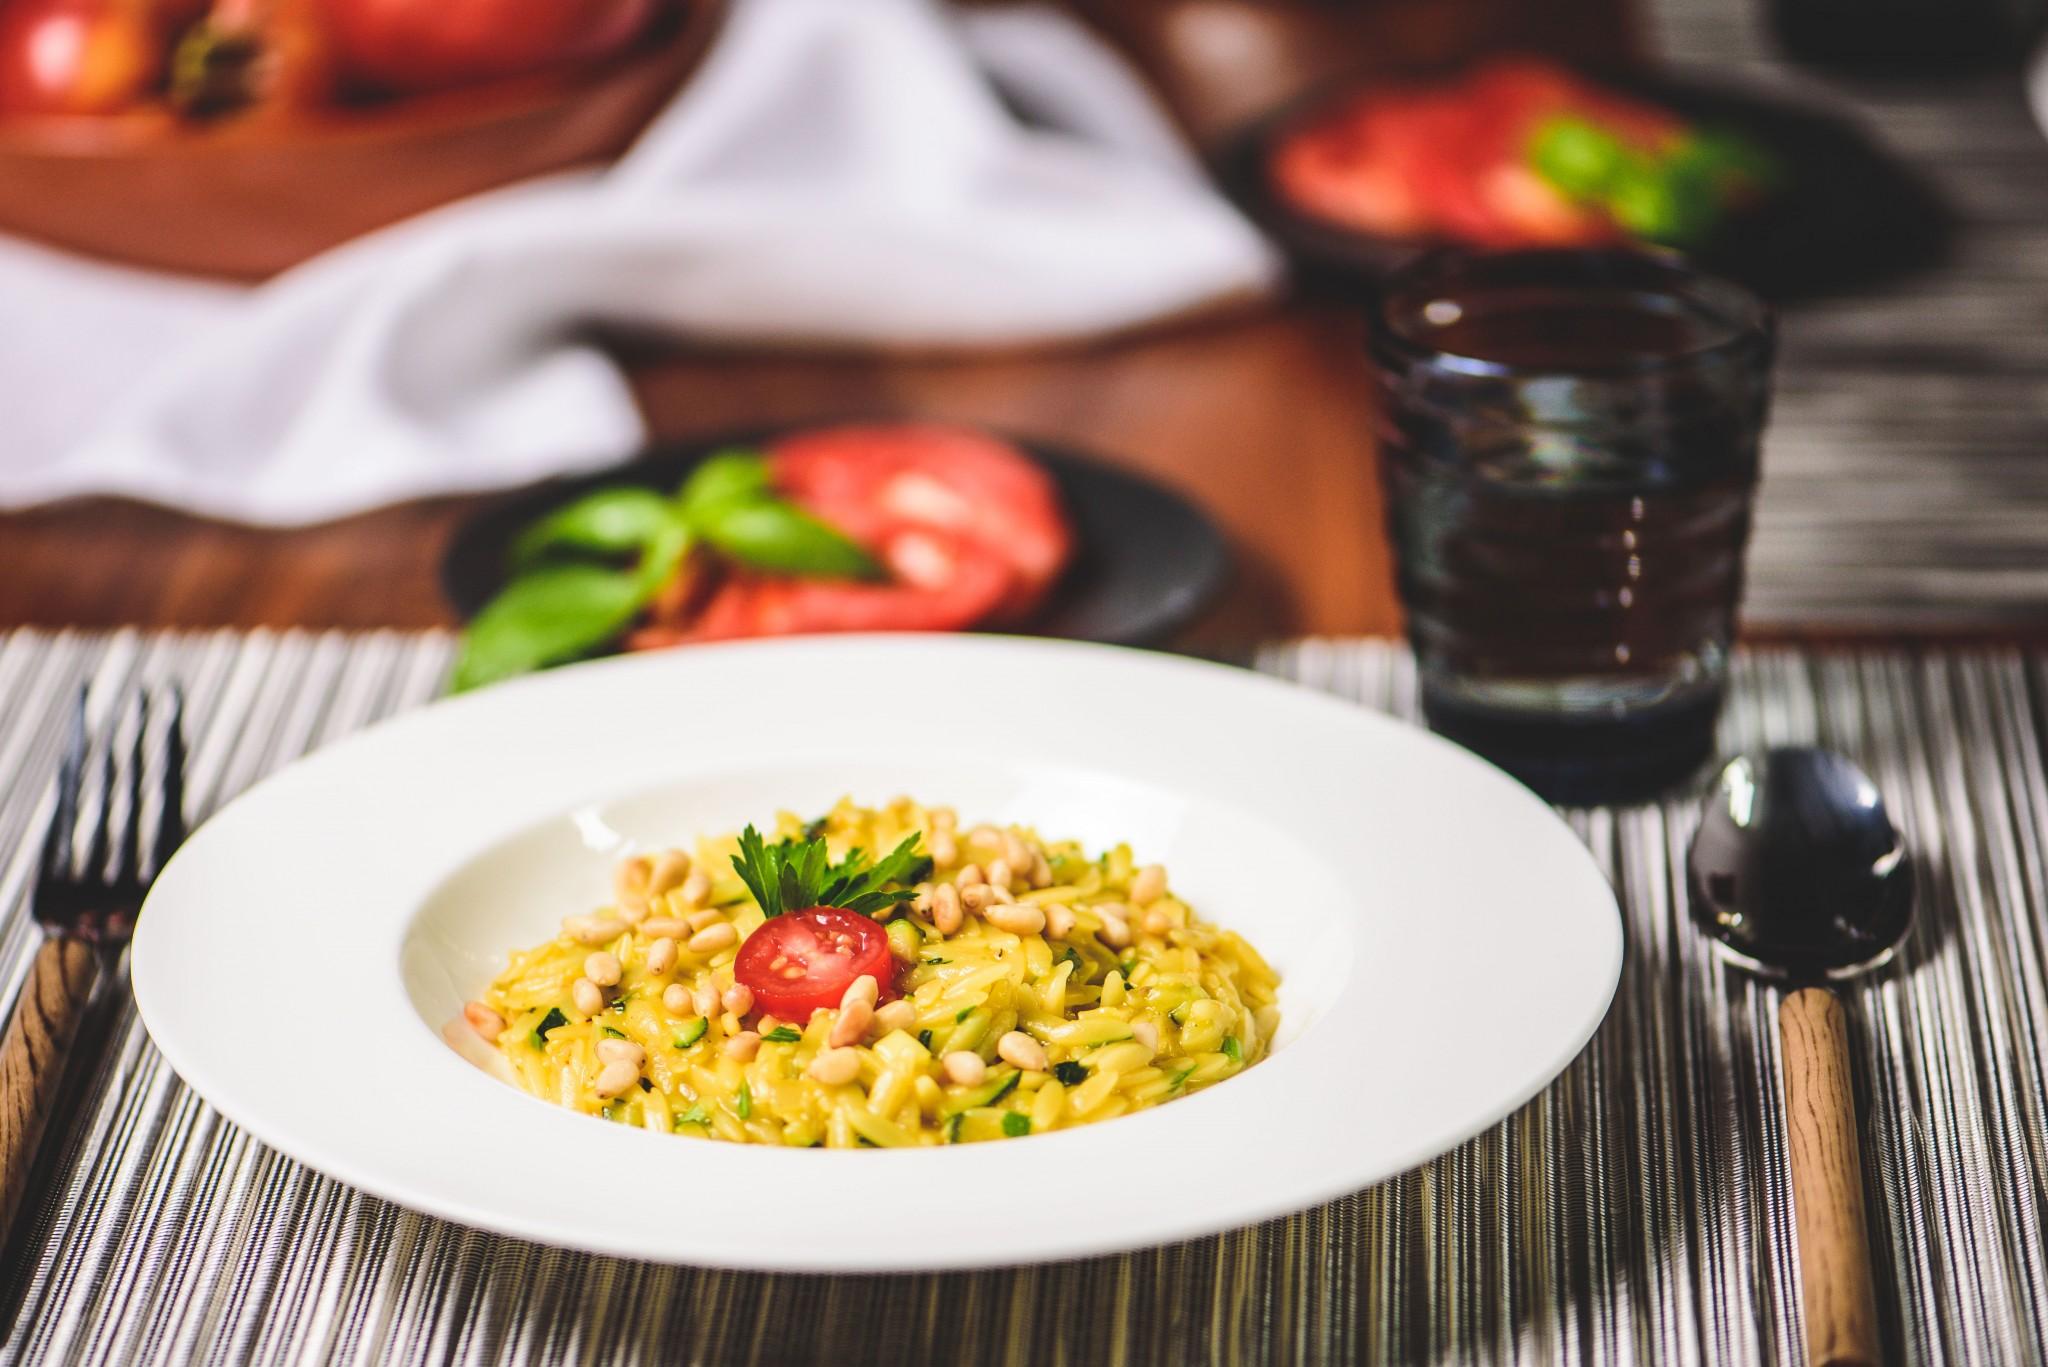 Pasta-Risotto mit Safran & Zucchini